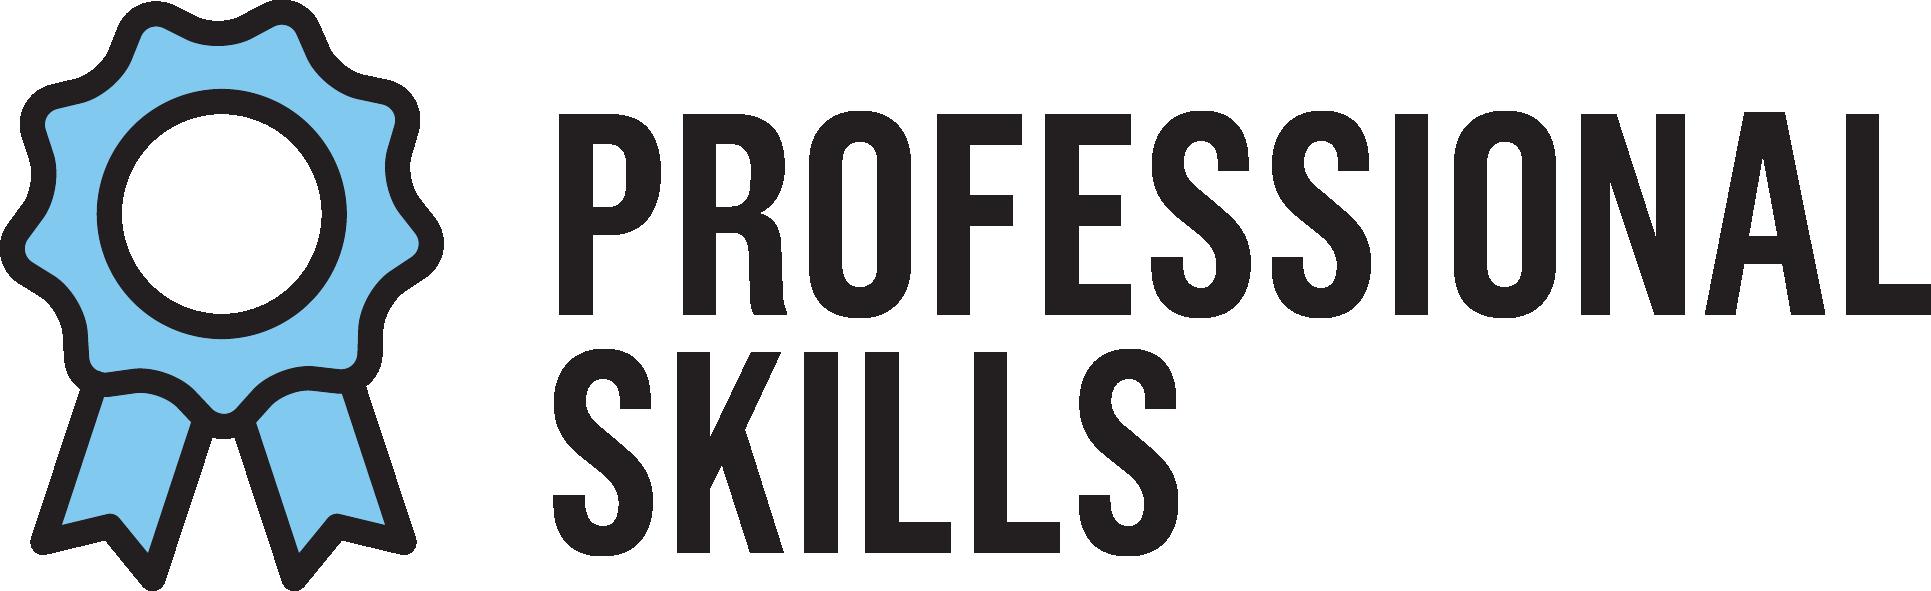 Professional skillls